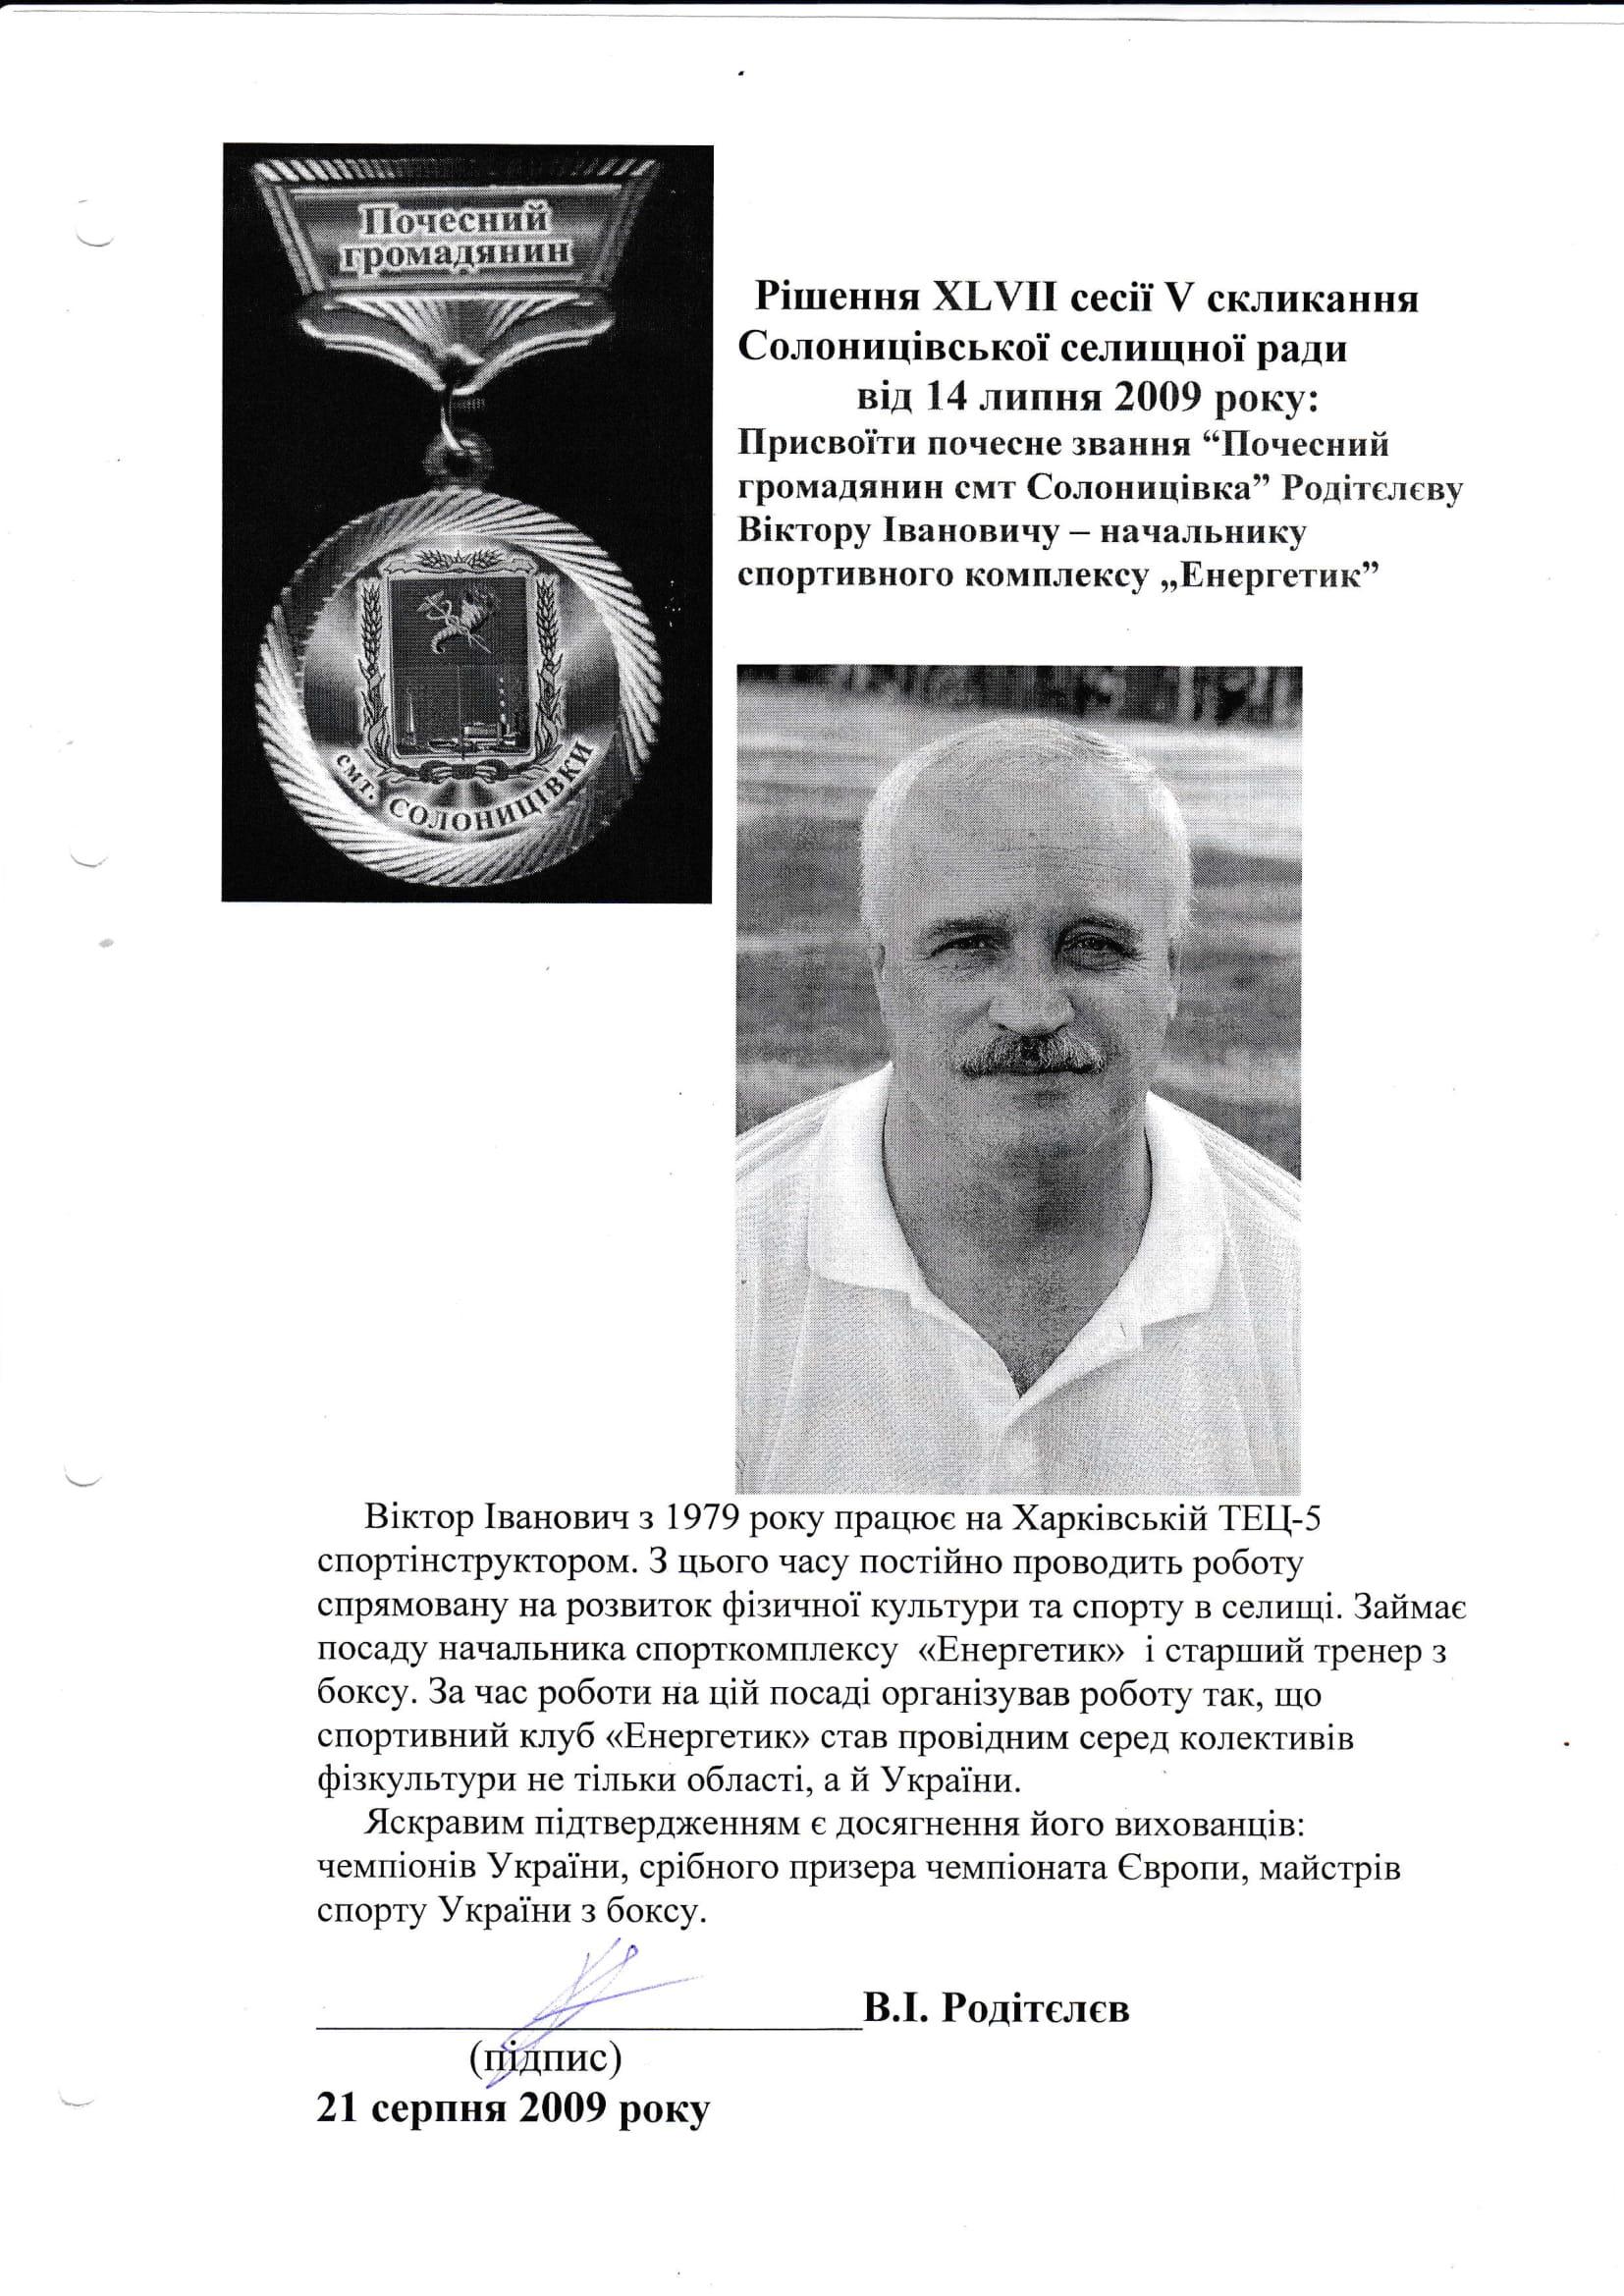 Родітєлєв Віктор Іванович